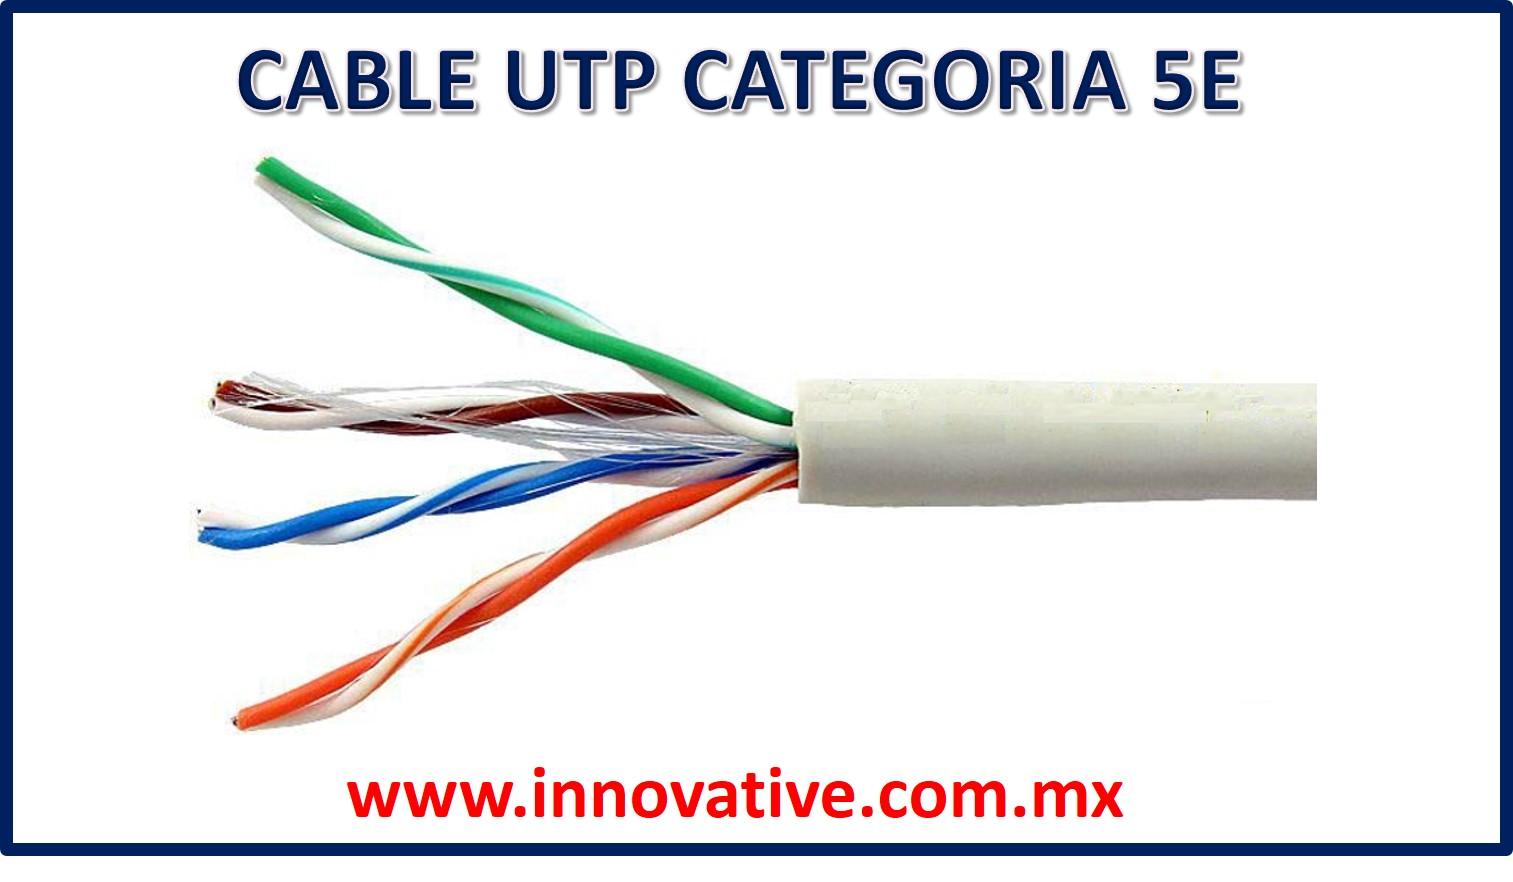 Cable utp categoria 5e 2g sciox Choice Image